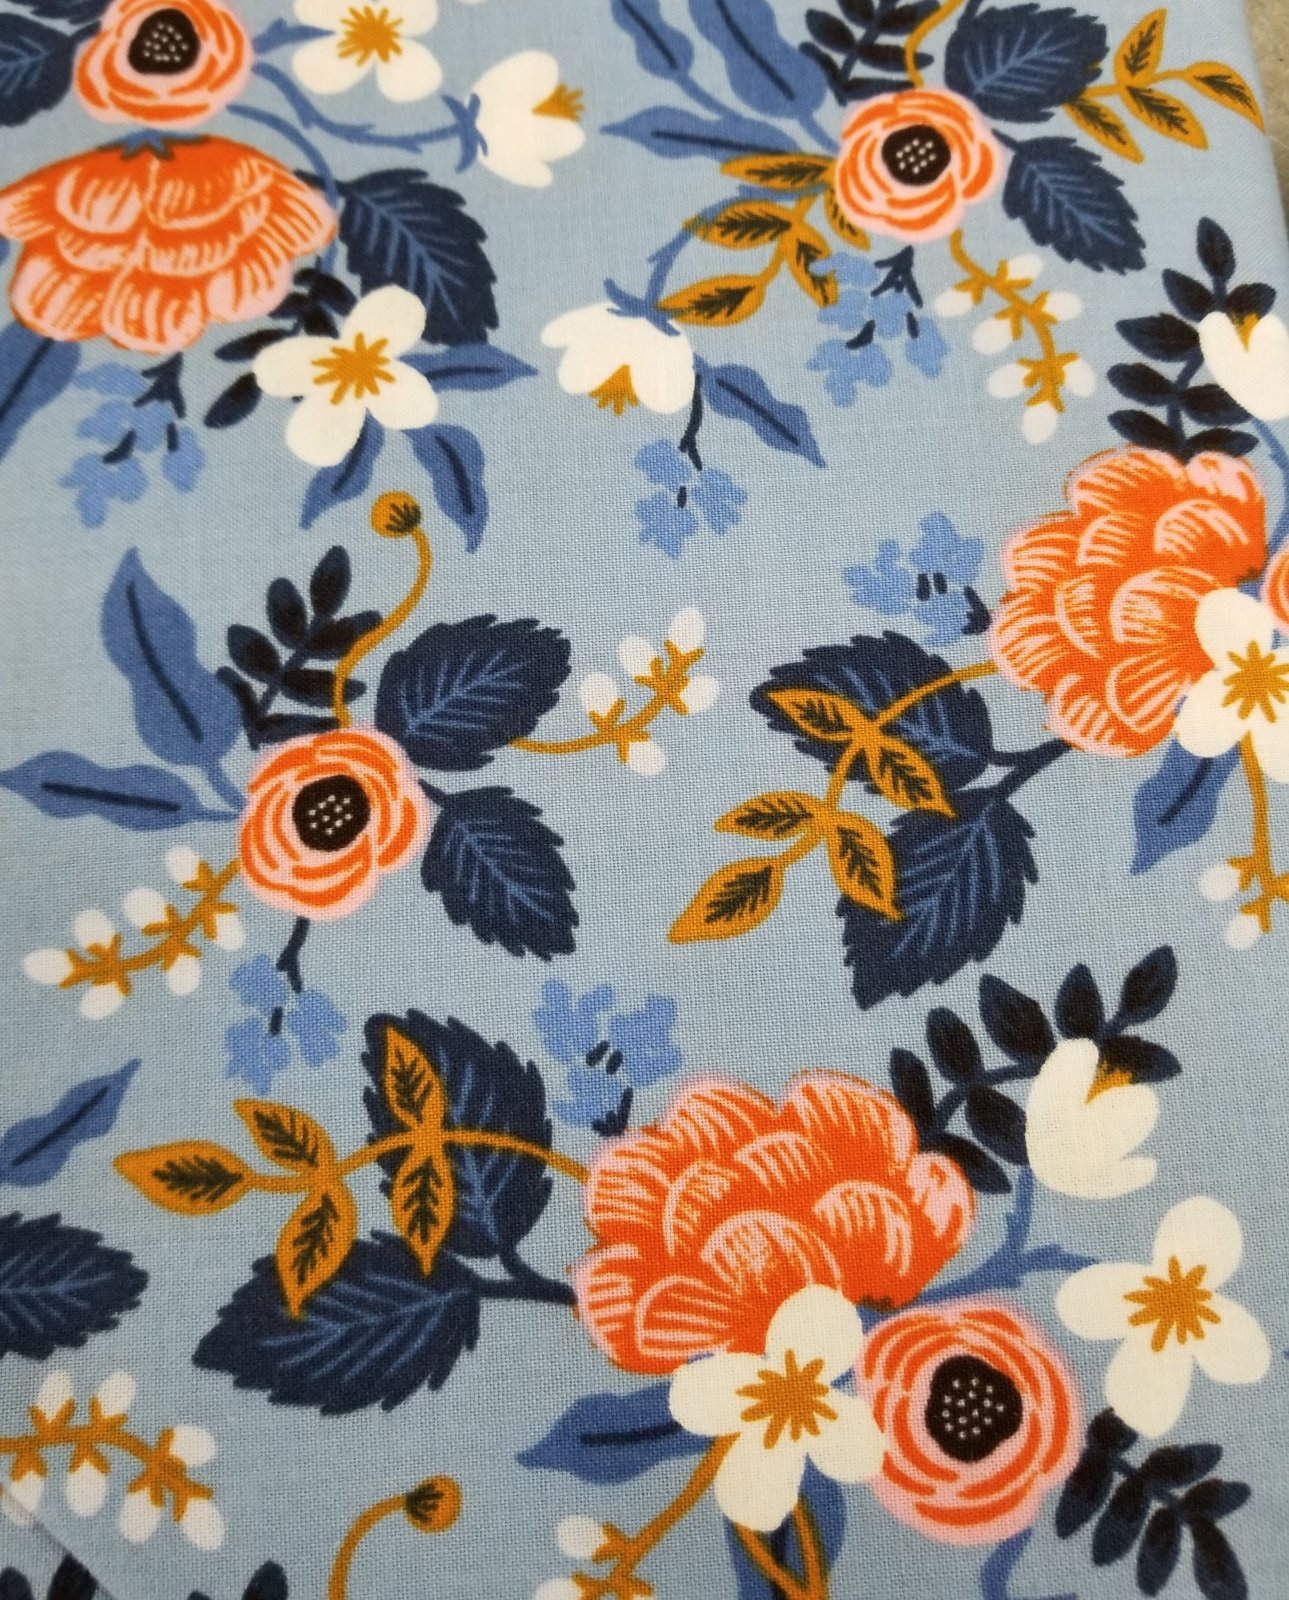 Rifle Paper Co. Cotton & Steel Les Fleurs Blue